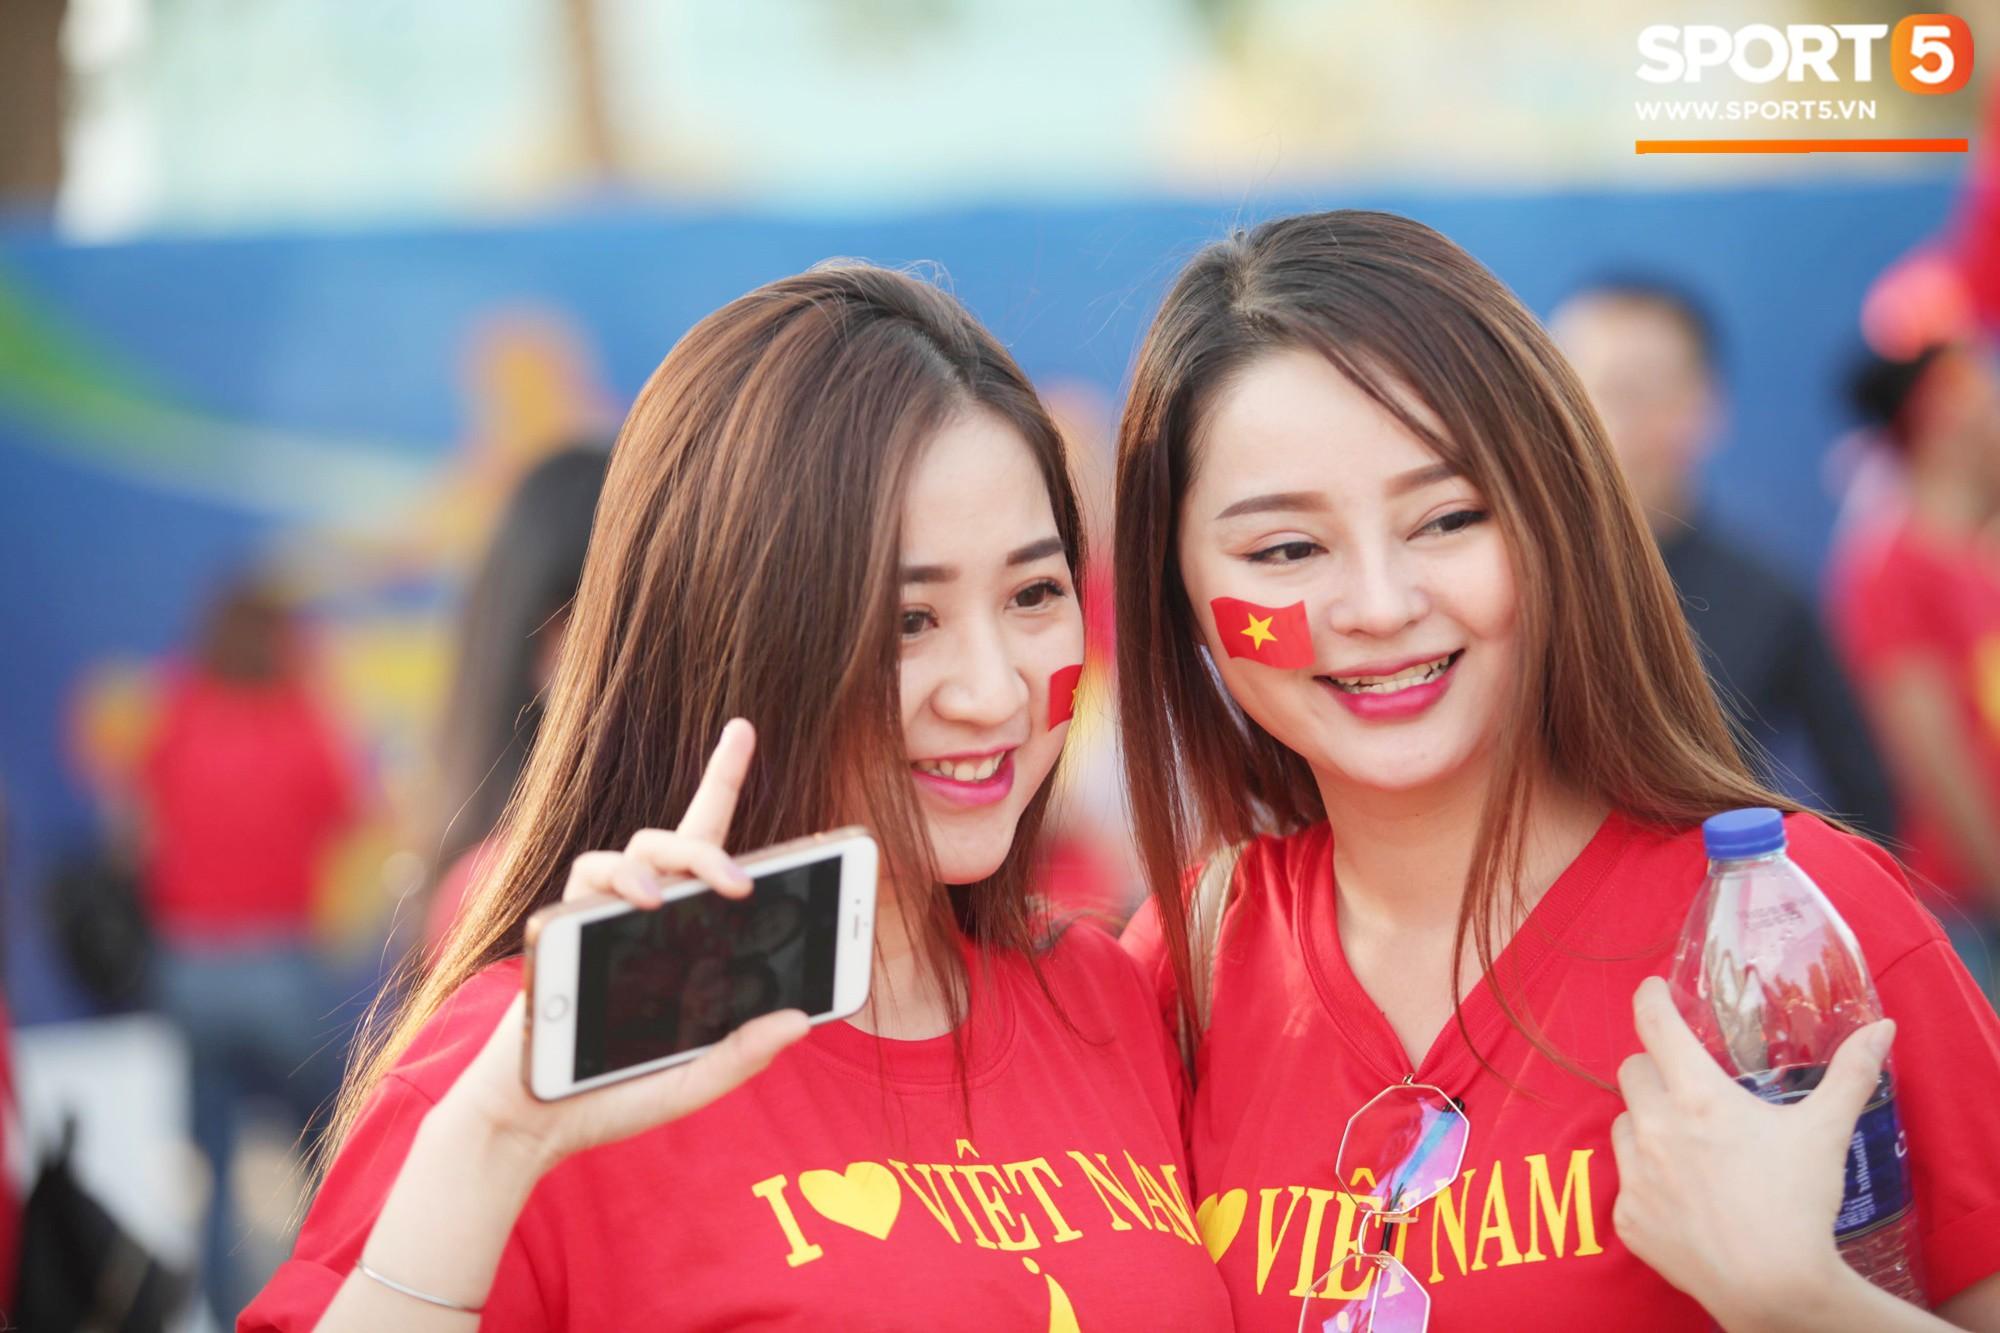 Dàn fangirl xinh đẹp tiếp lửa cho đội tuyển Việt Nam trước trận gặp Iraq-4